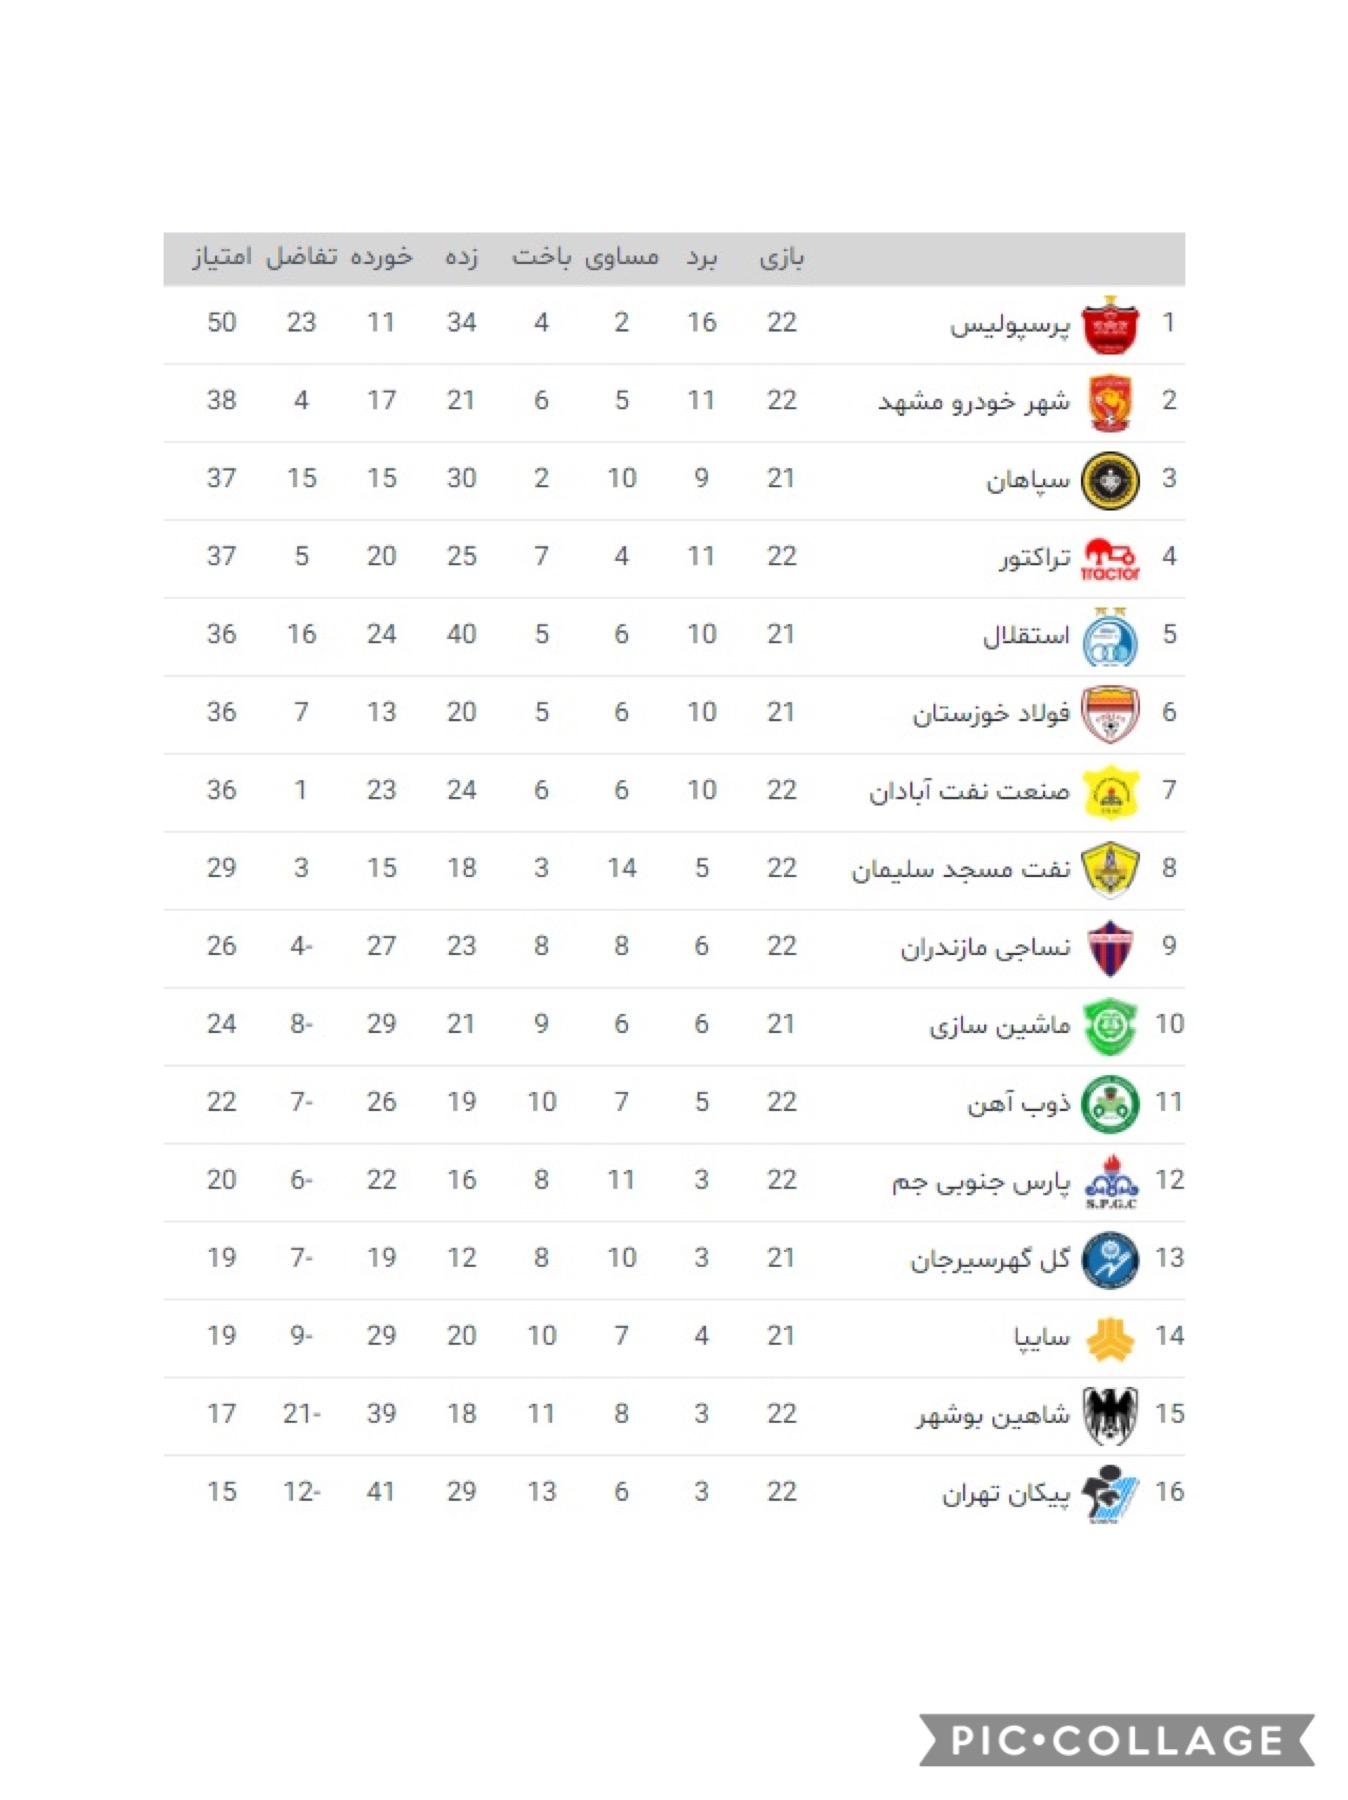 جدول جدید لیگ برتر و نتایج امشب با باخت تراکتور